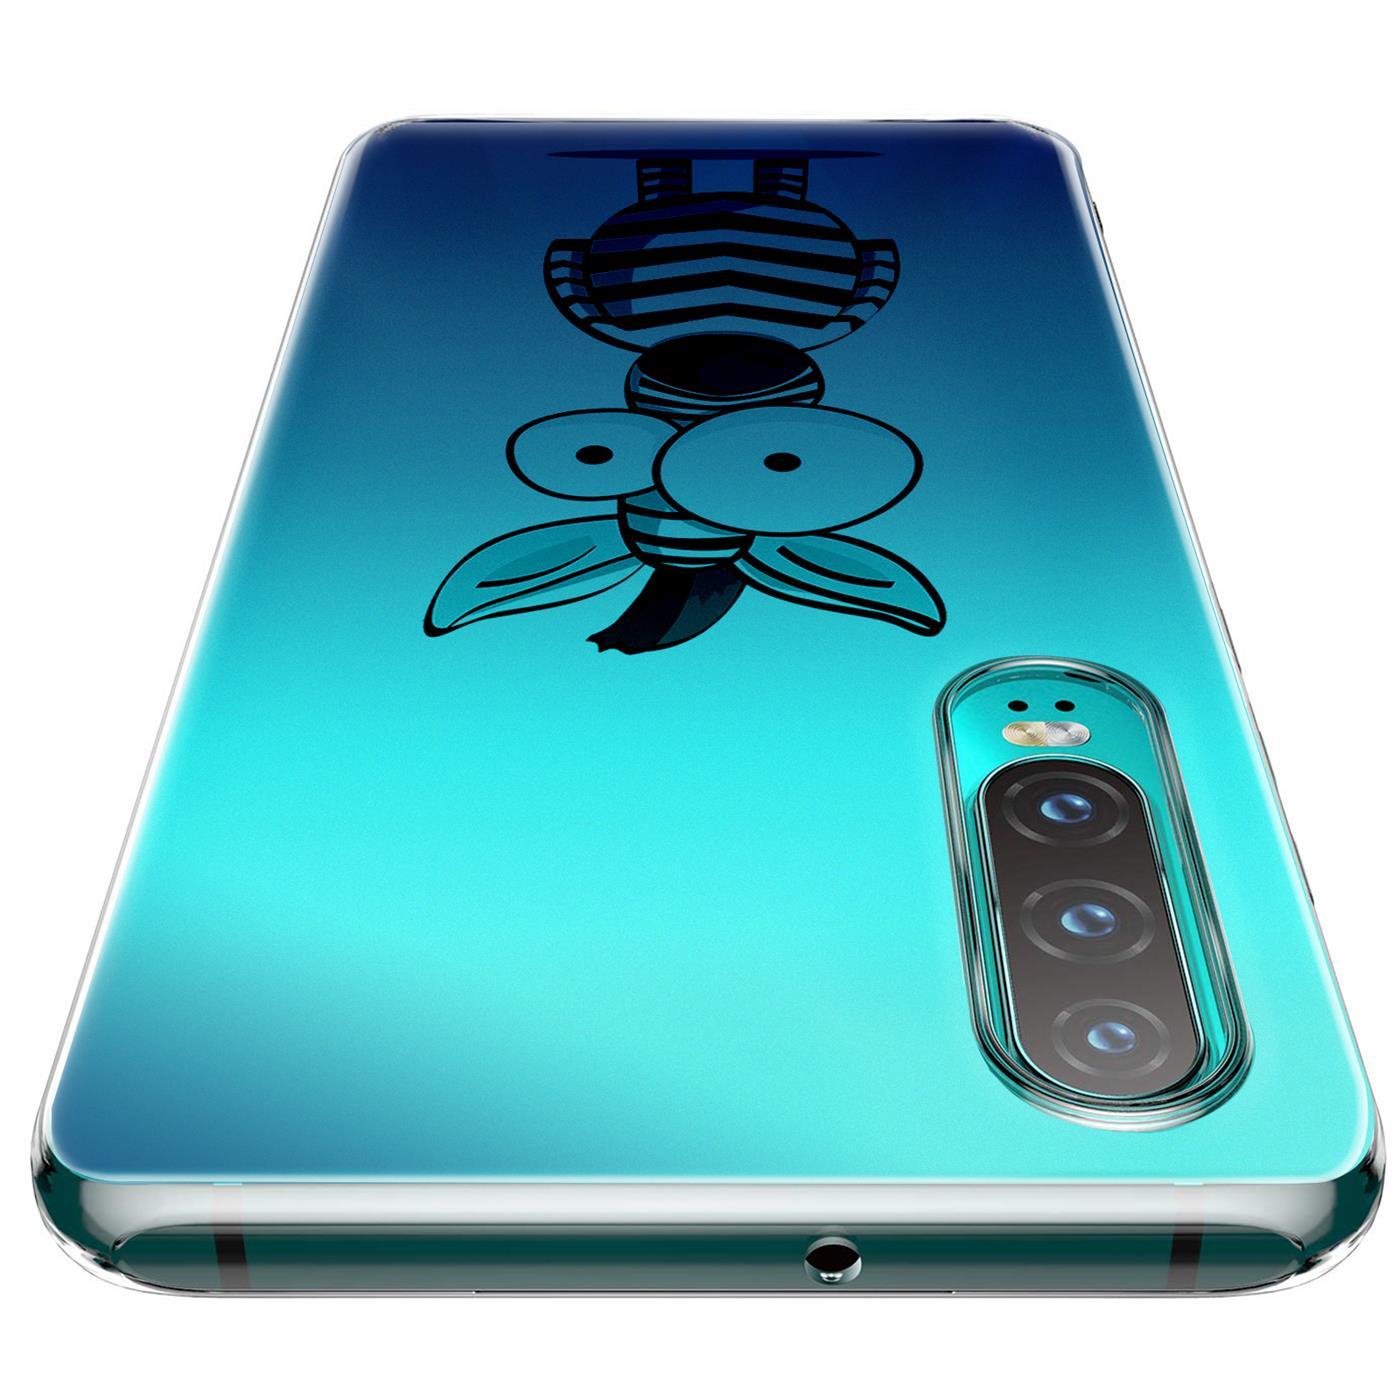 Huawei-P30-Lite-Motiv-Handy-Huelle-Silikon-Tasche-Schutzhuelle-Cover-Slim-TPU-Case Indexbild 20